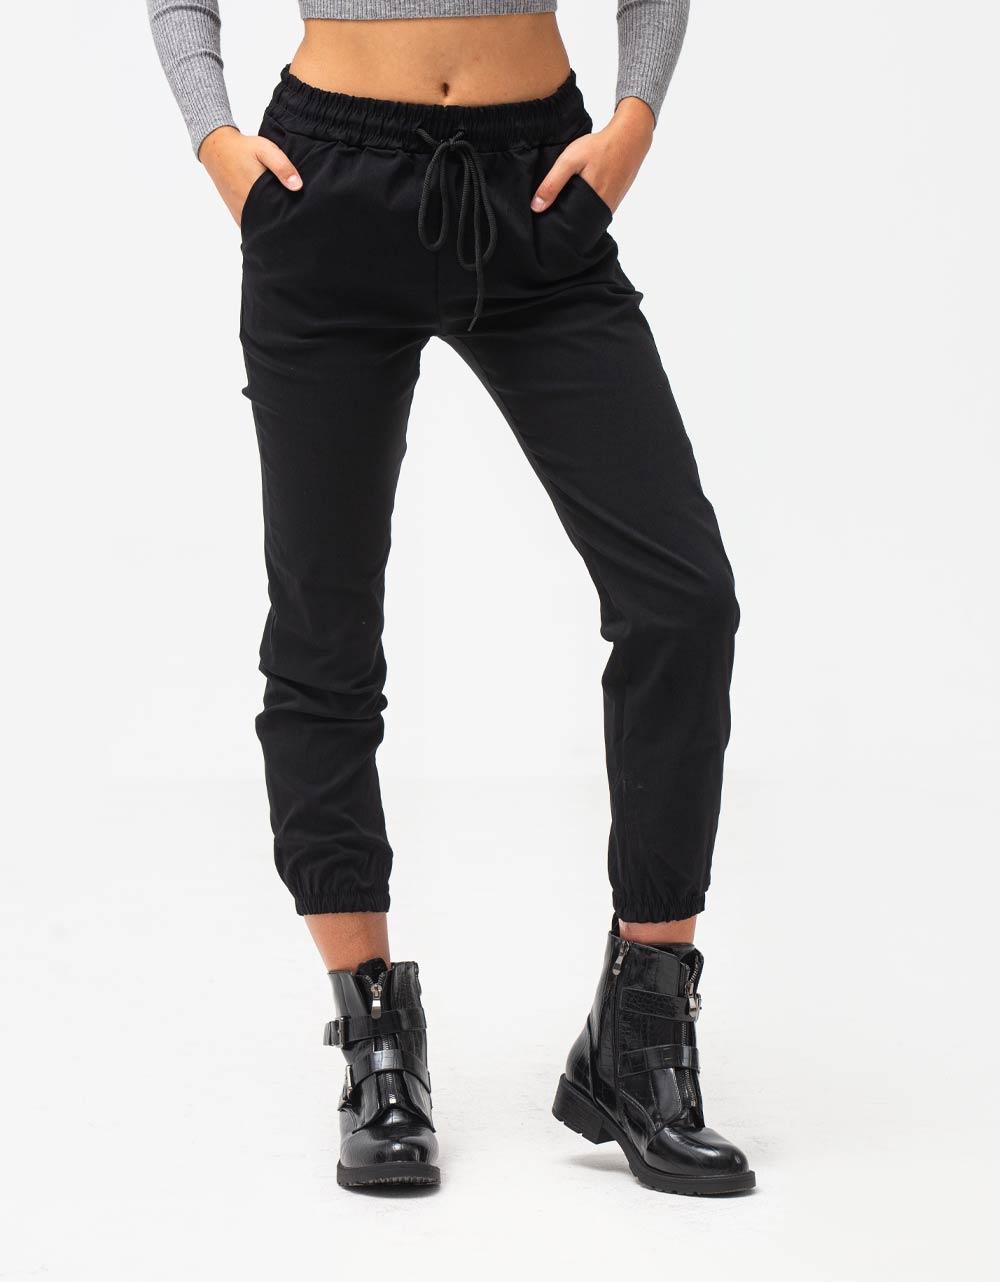 Εικόνα από Γυναικείο παντελόνι cargo Μαύρο